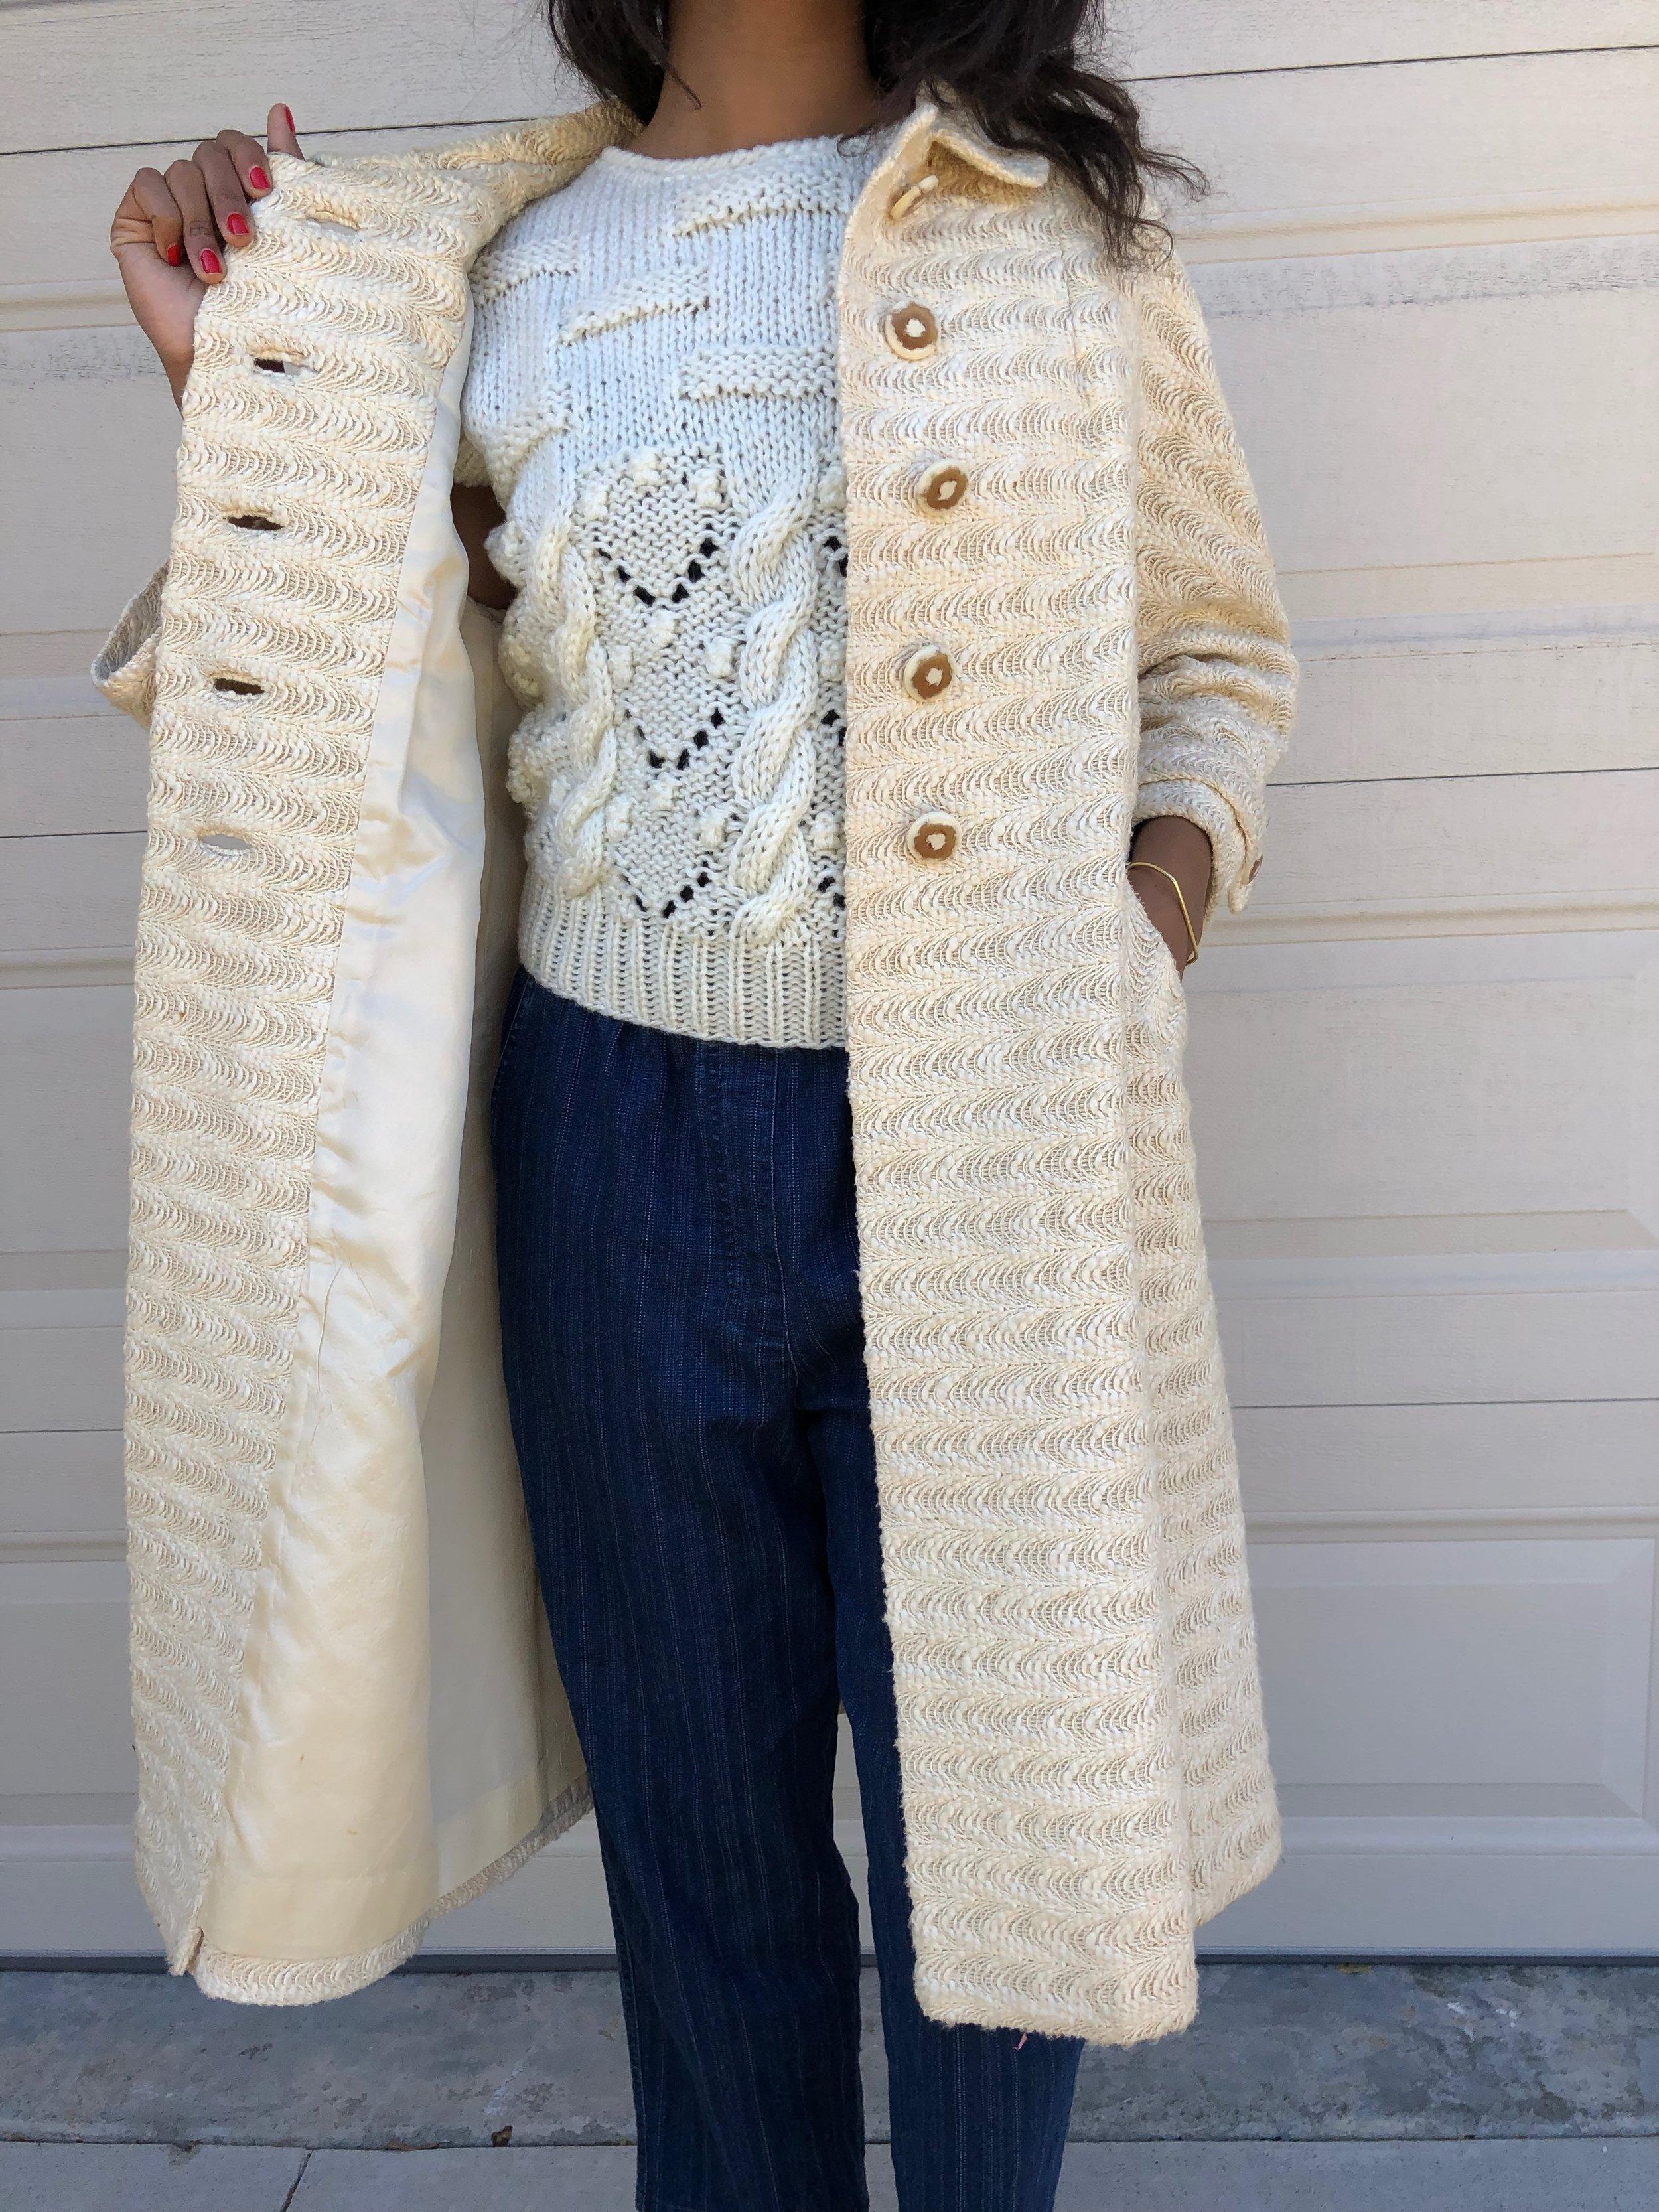 Roos-Atkins Coat